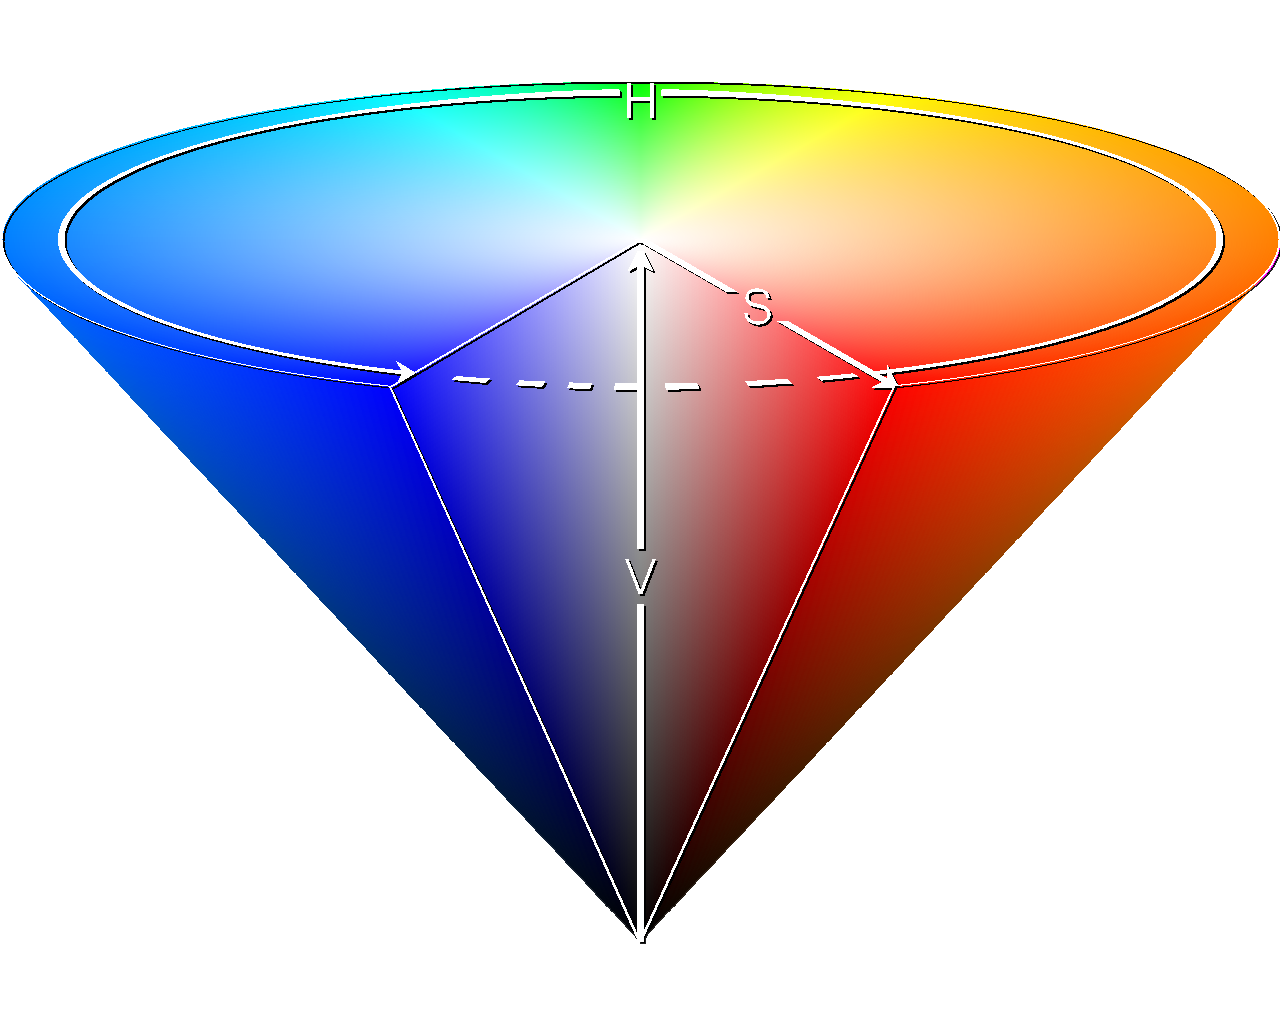 hsv cone spectrum